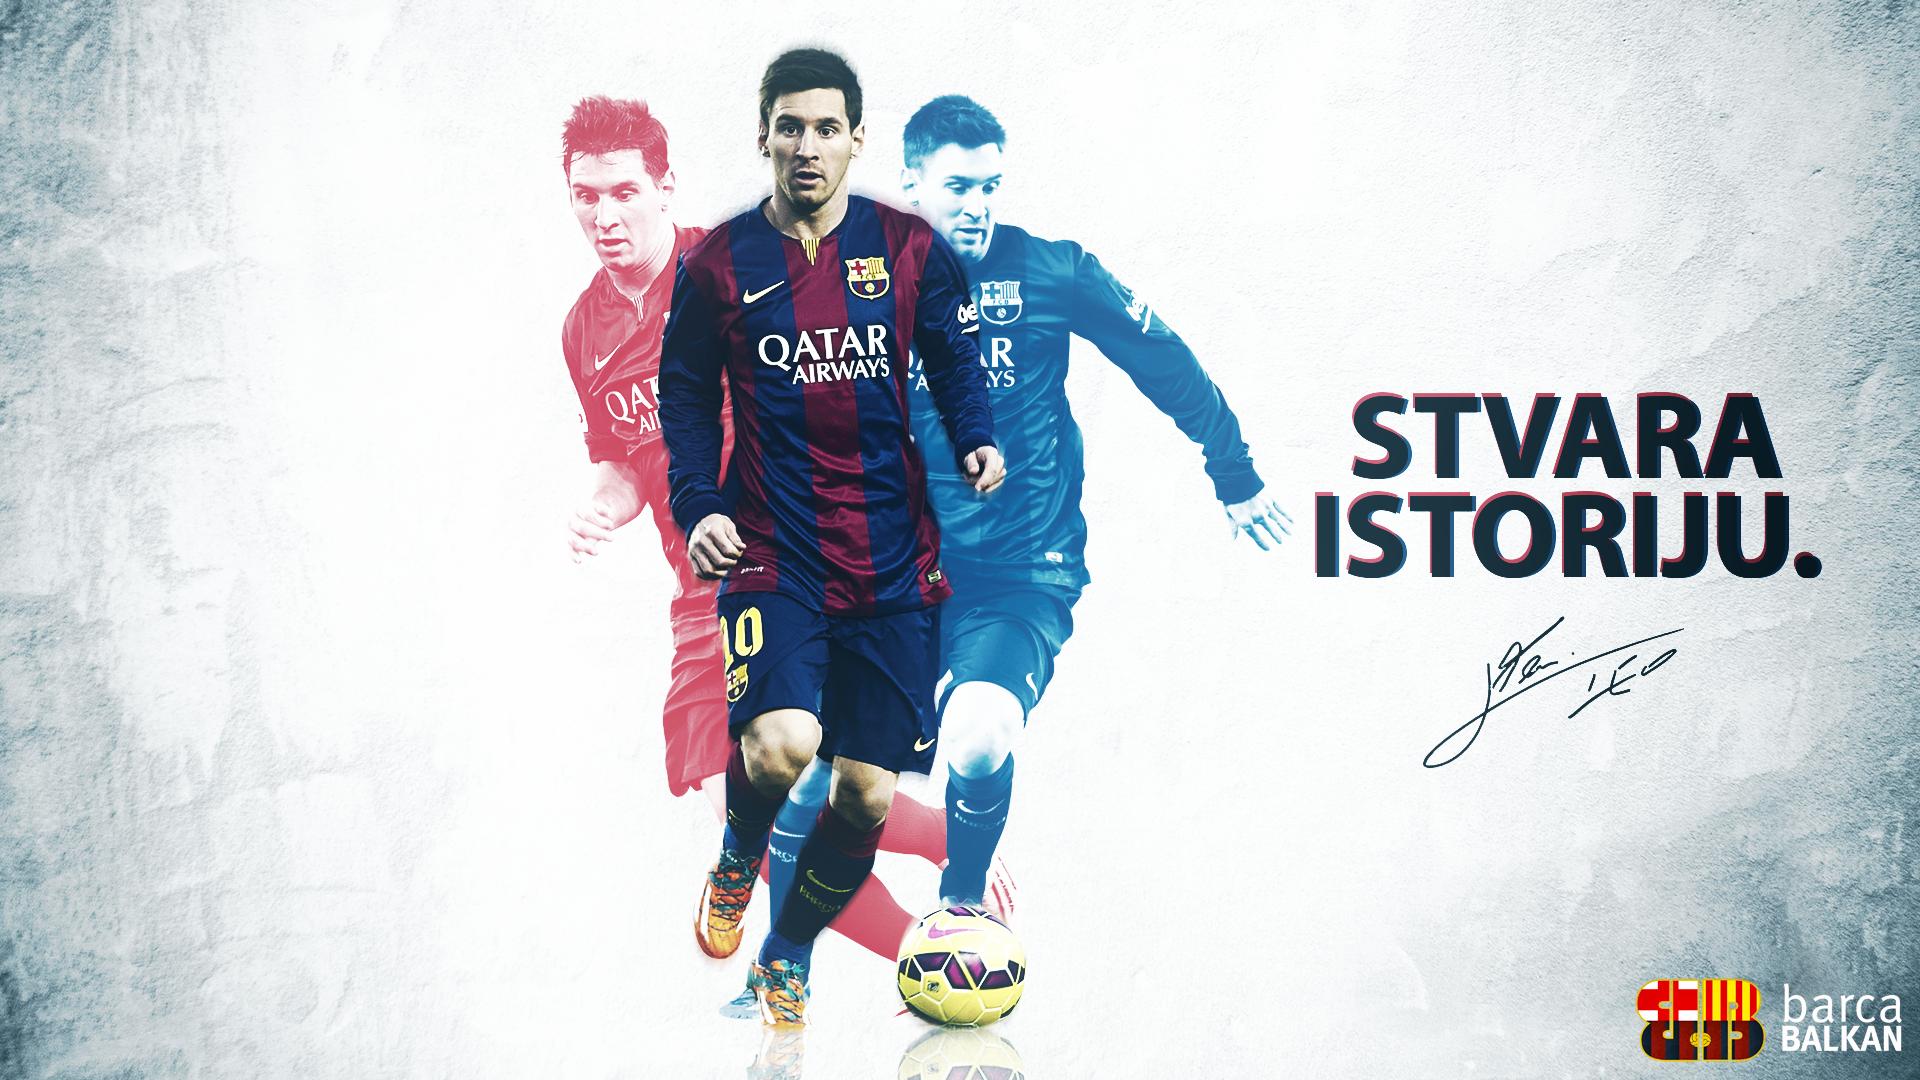 Messi hd wallpapers 2015 wallpapersafari for Home 2015 wallpaper hd